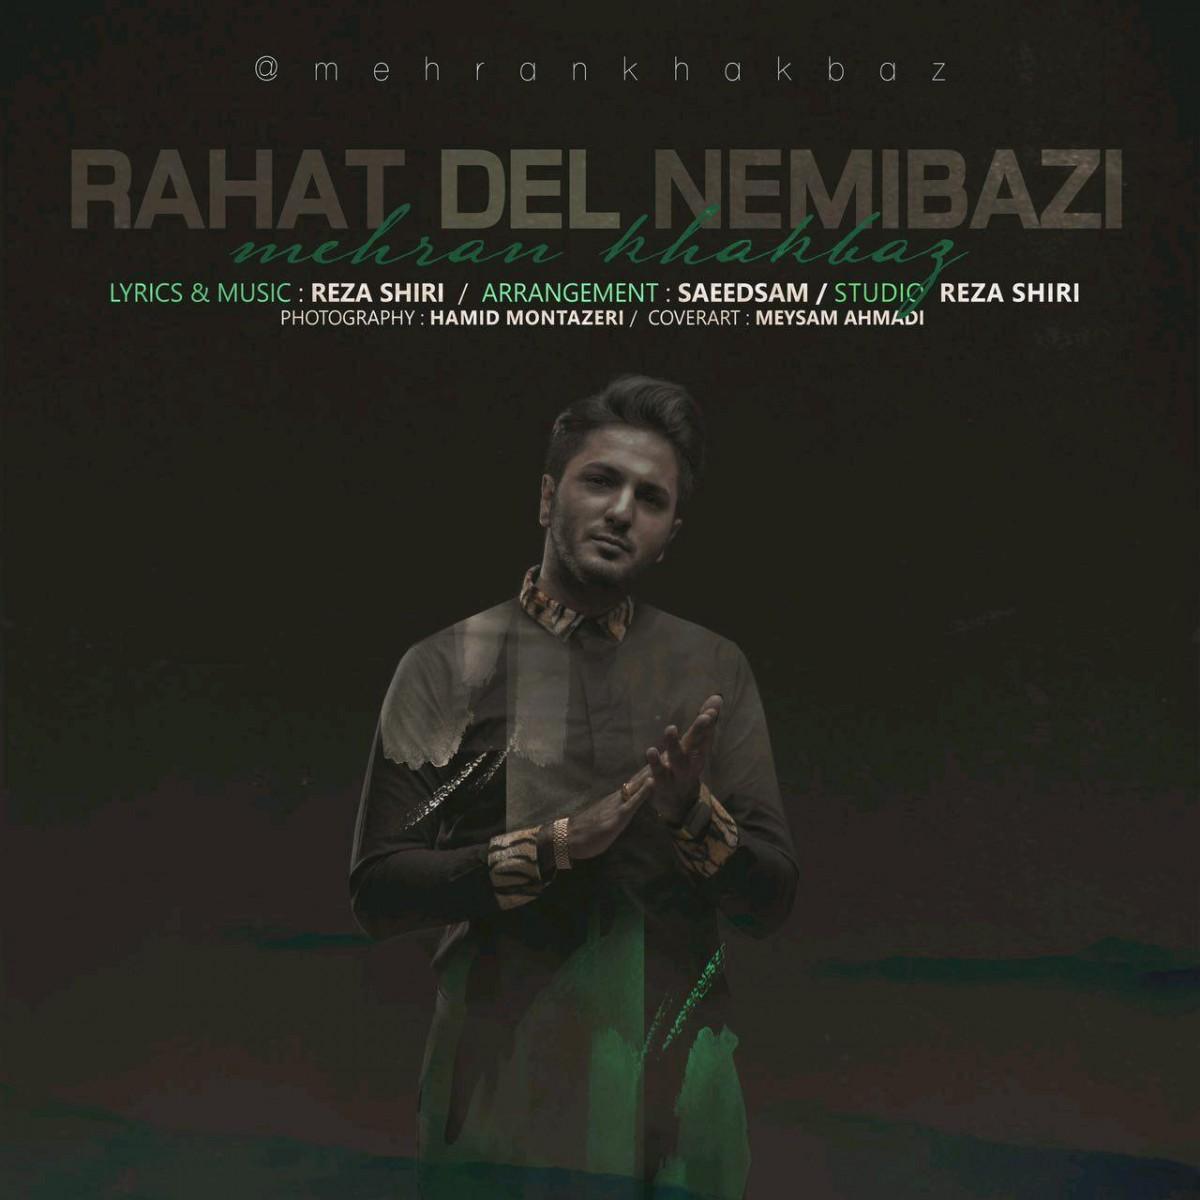 نامبر وان موزیک | دانلود آهنگ جدید Mehran-Khakbaz-Rahat-Del-Nemibazi